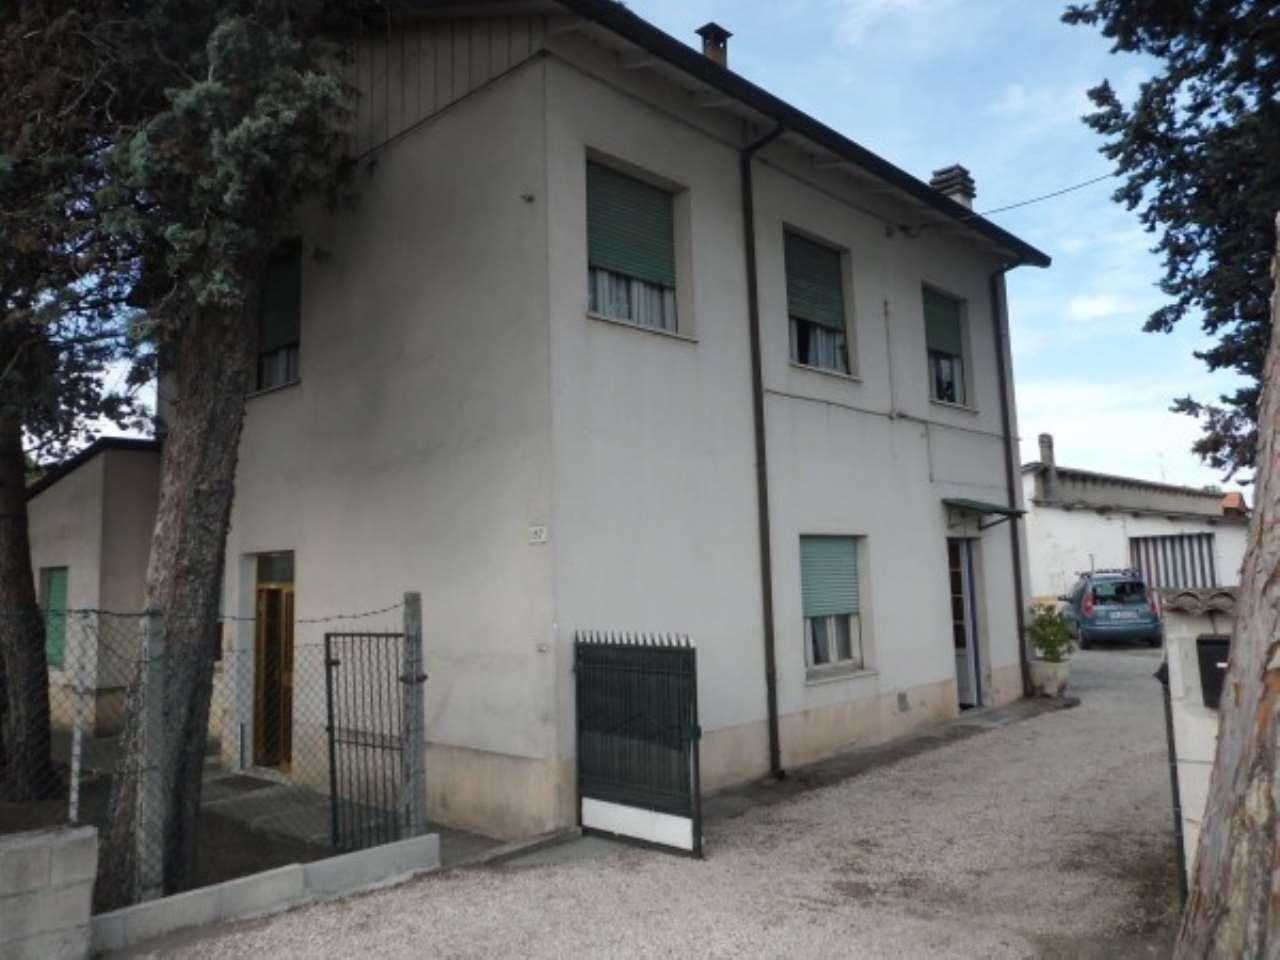 Soluzione Indipendente in vendita a Cervia - Milano Marittima, 9999 locali, prezzo € 390.000 | Cambio Casa.it